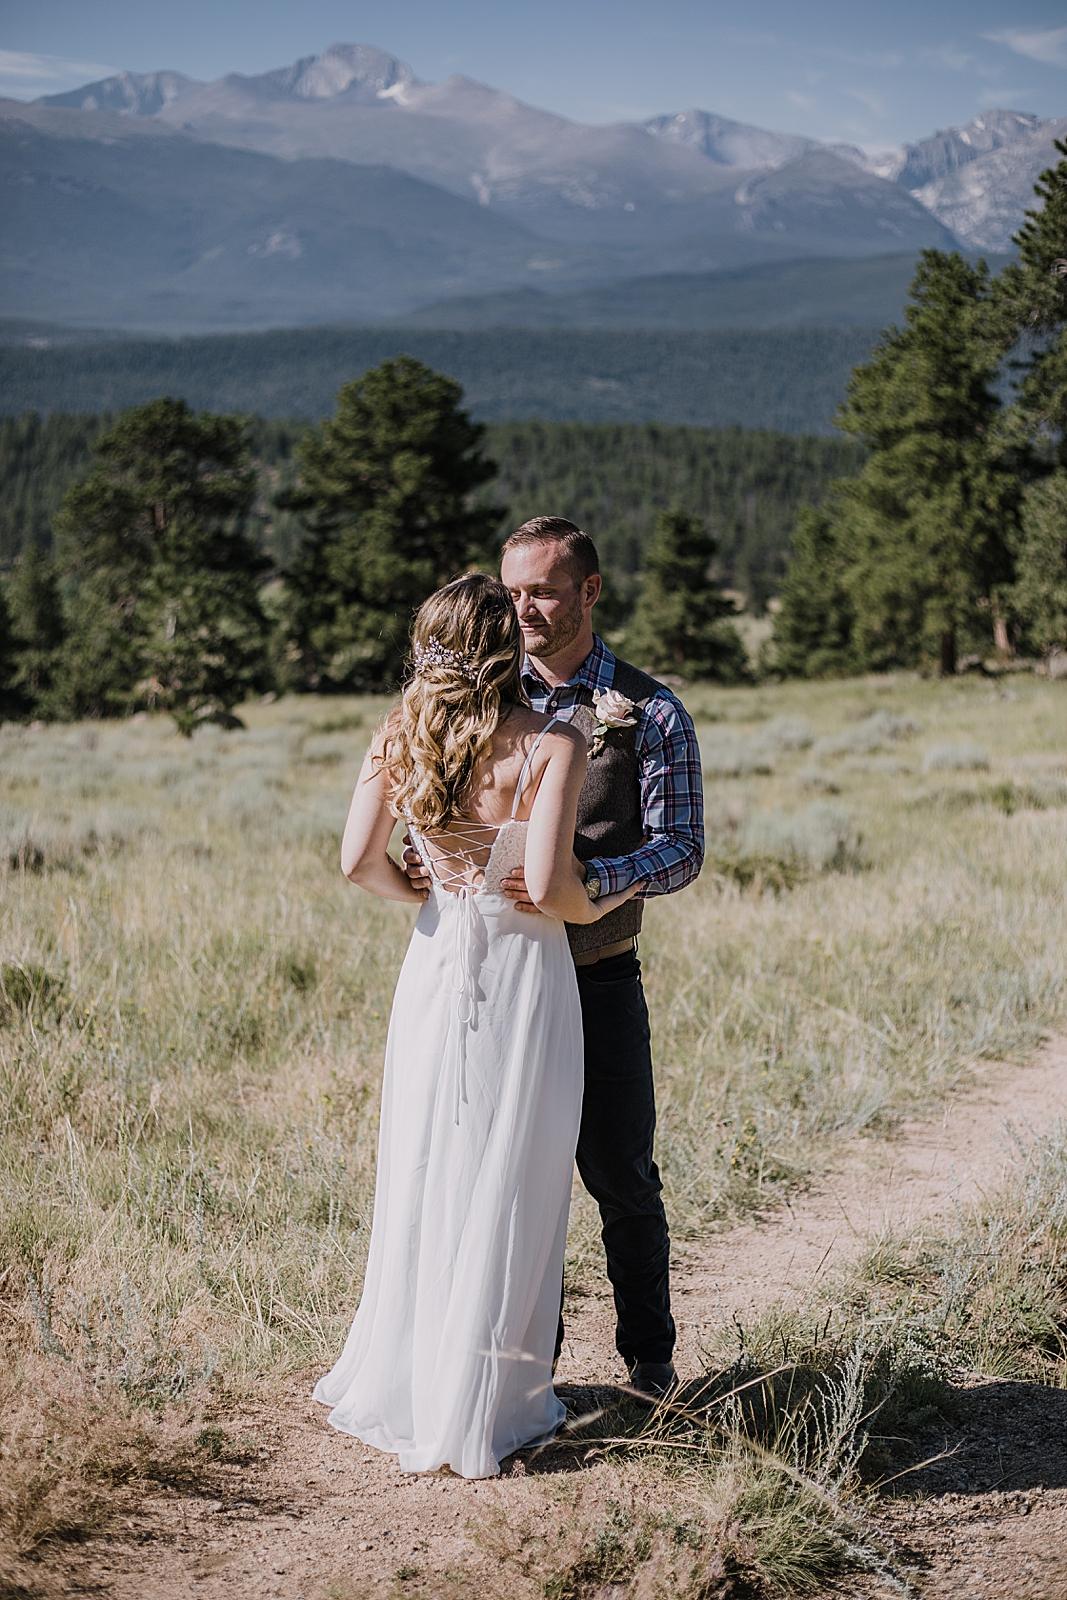 couple hugging, rocky mountain national park elopement, 3M curves elopement, self solemnizing, self solemnization, long's peak ceremony, hiking elopement, estes park elopement